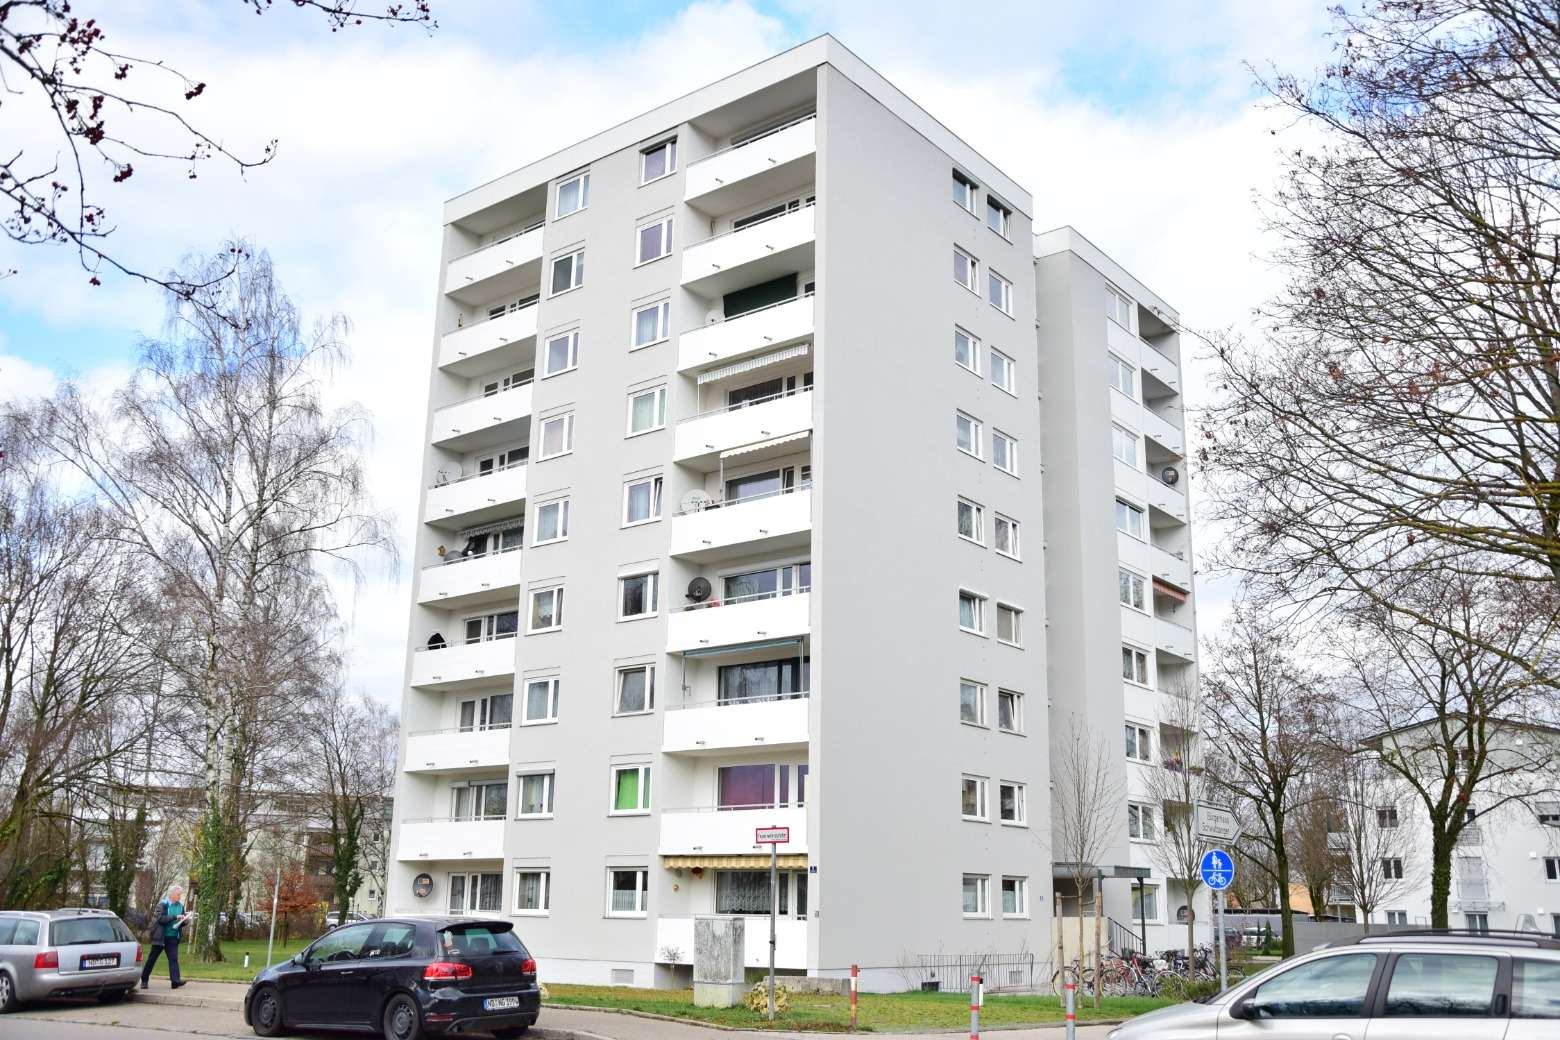 *** Frühestens ab 01.05.2020 *** Klasse 2-Zimmer Etagenwohnung im 2. Stock mitten in Neuburg in